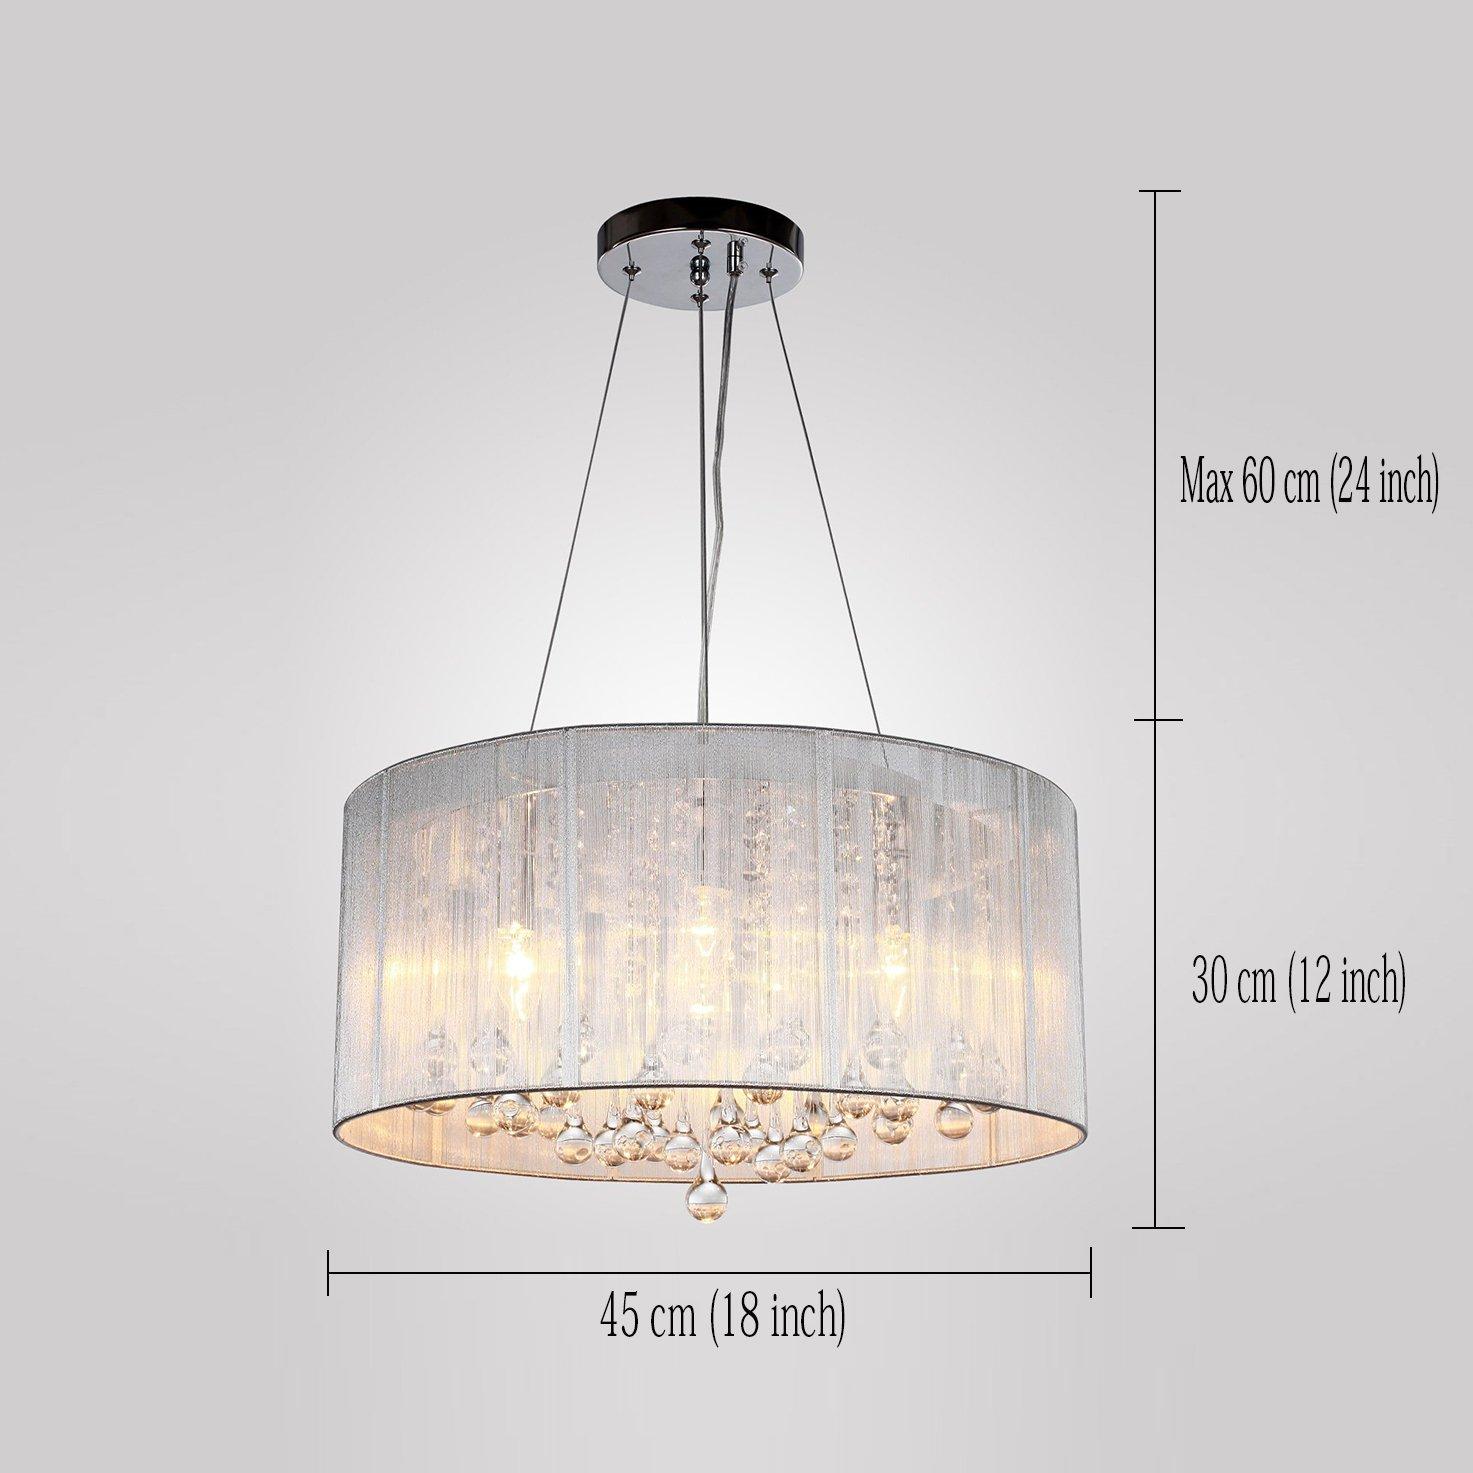 Lámpara KJLARS moderna lámpara de techo lámpara de techo lámpara de araña que cuelga cilíndrica de suspensión con pantalla de tela fuente de luz 4 ...